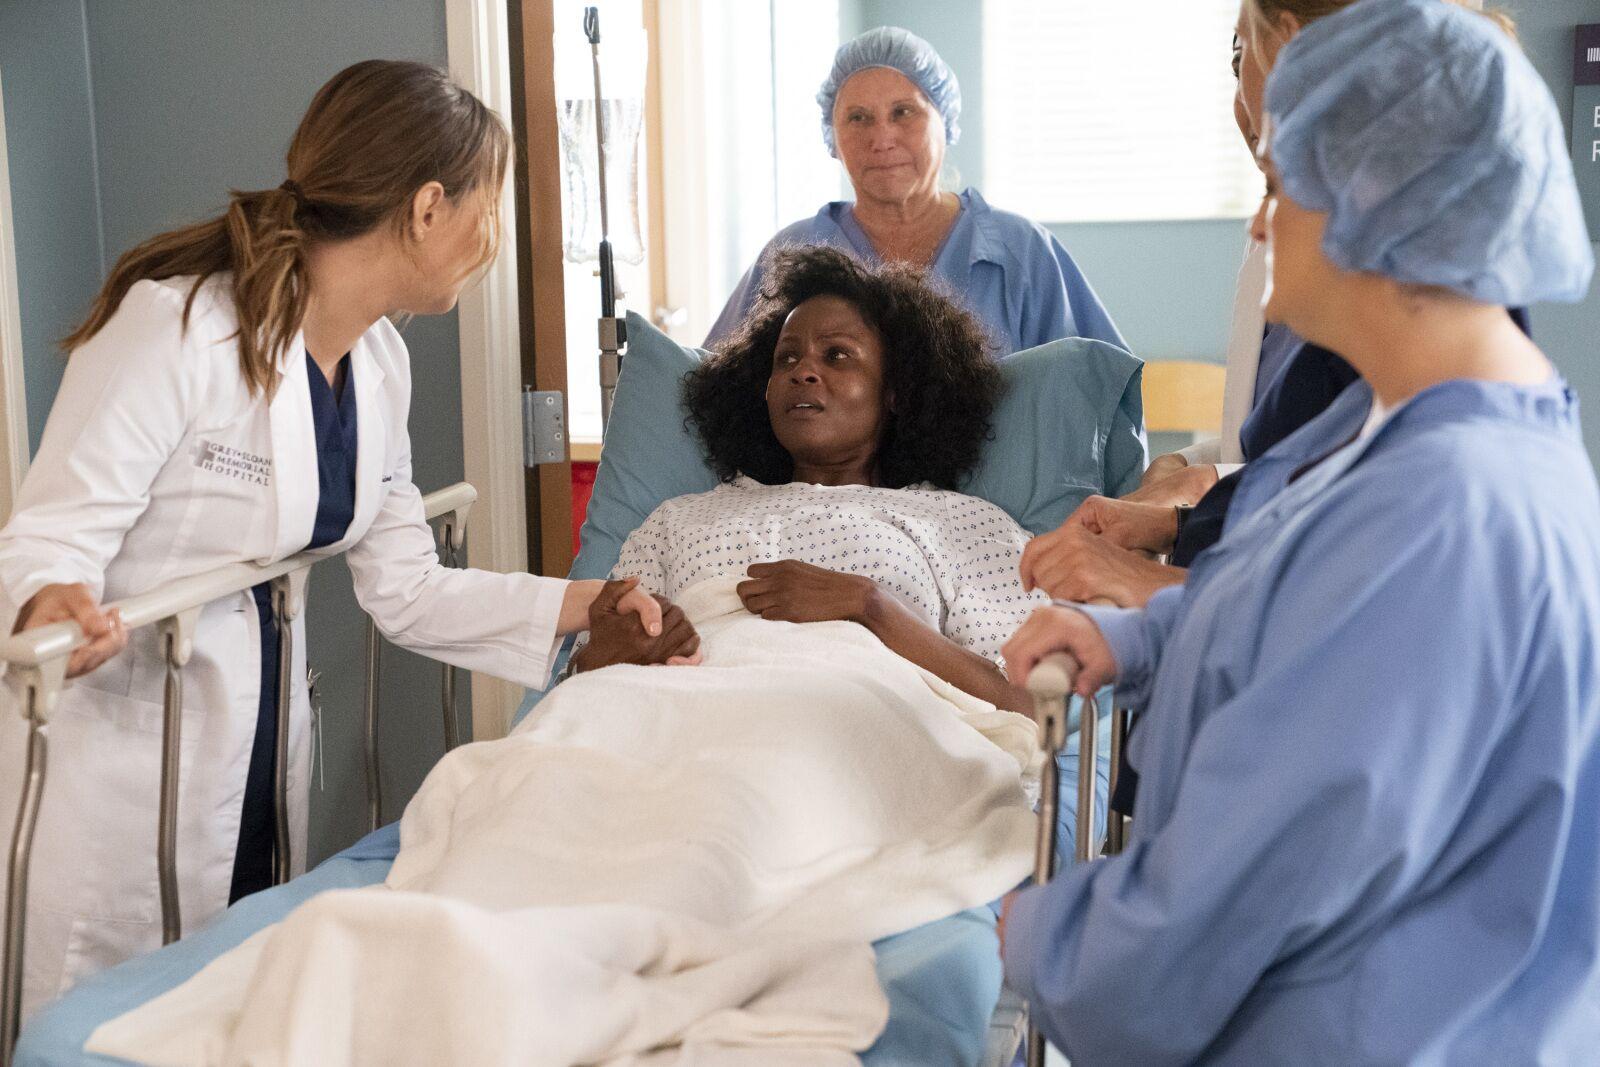 c8e98c6772e Grey's Anatomy season 15, episode 20 recap: The Whole Package